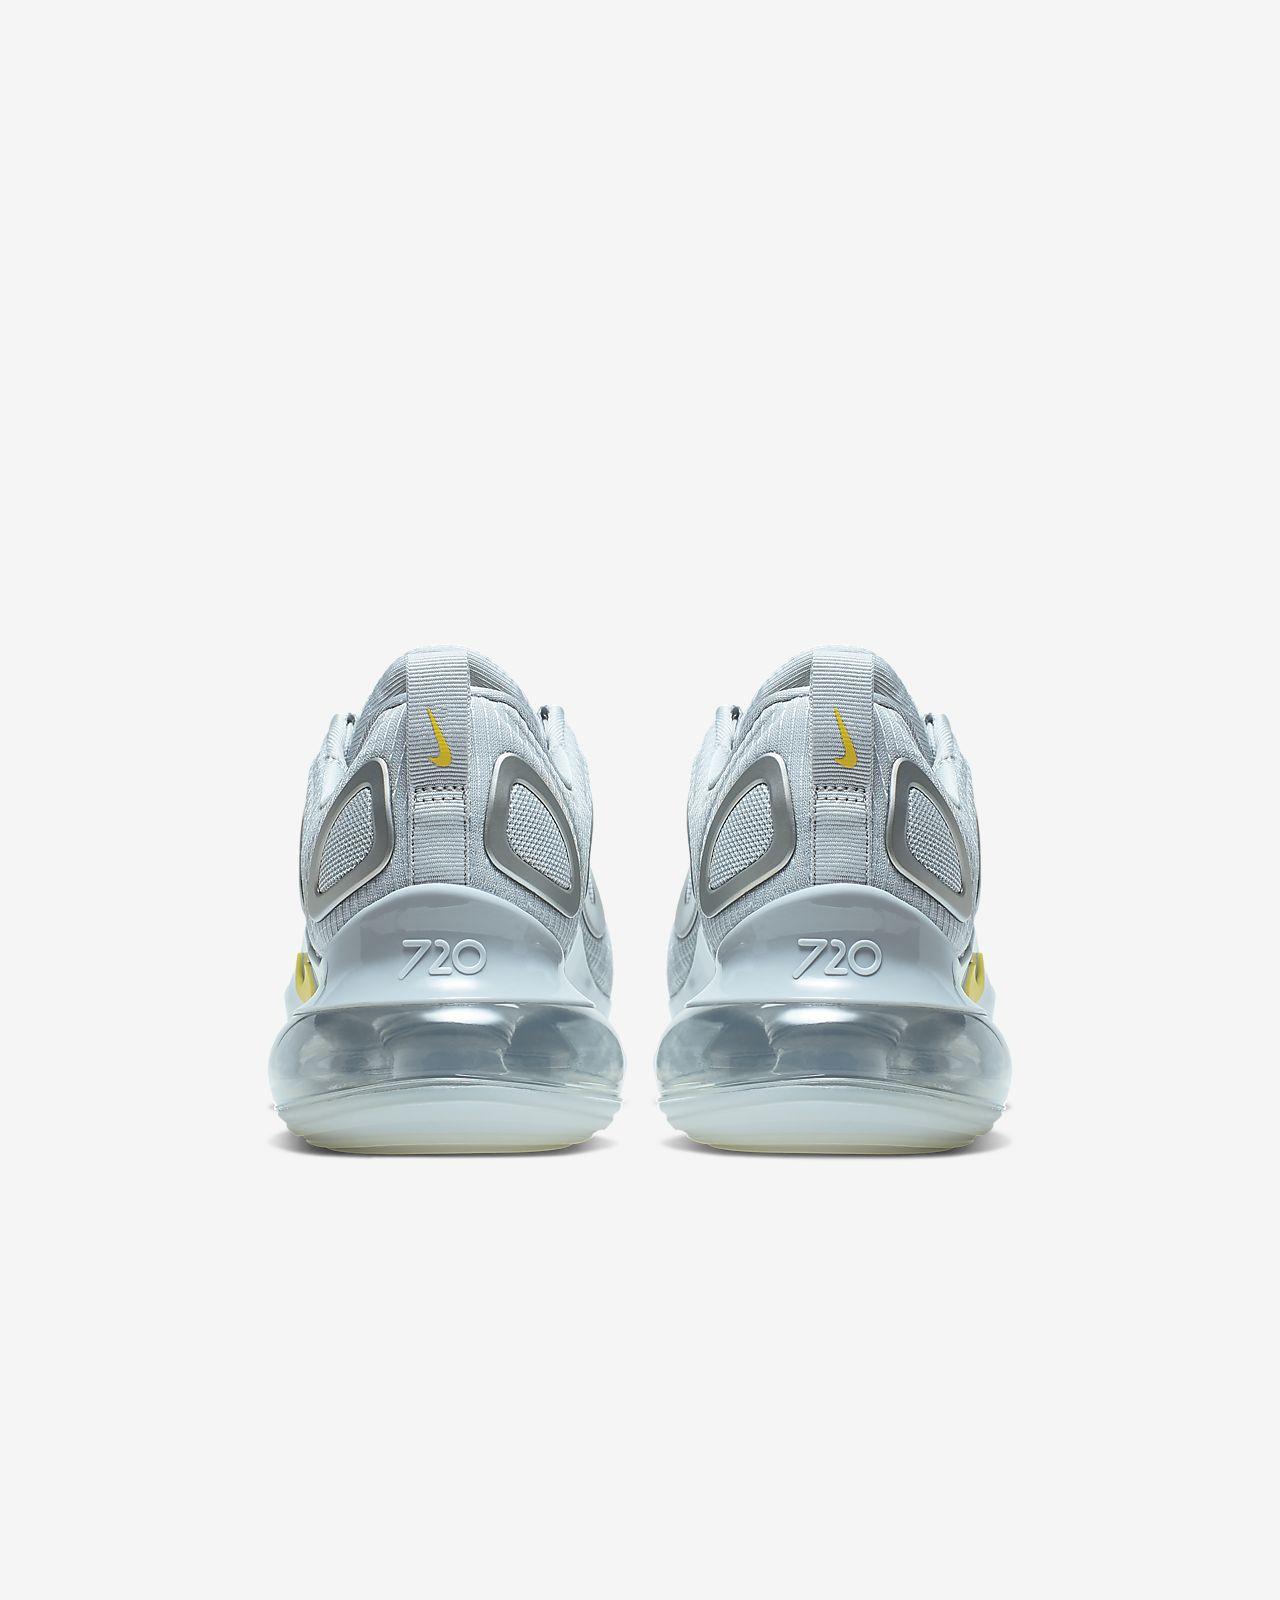 Nike Air Max 720 Damesschoen